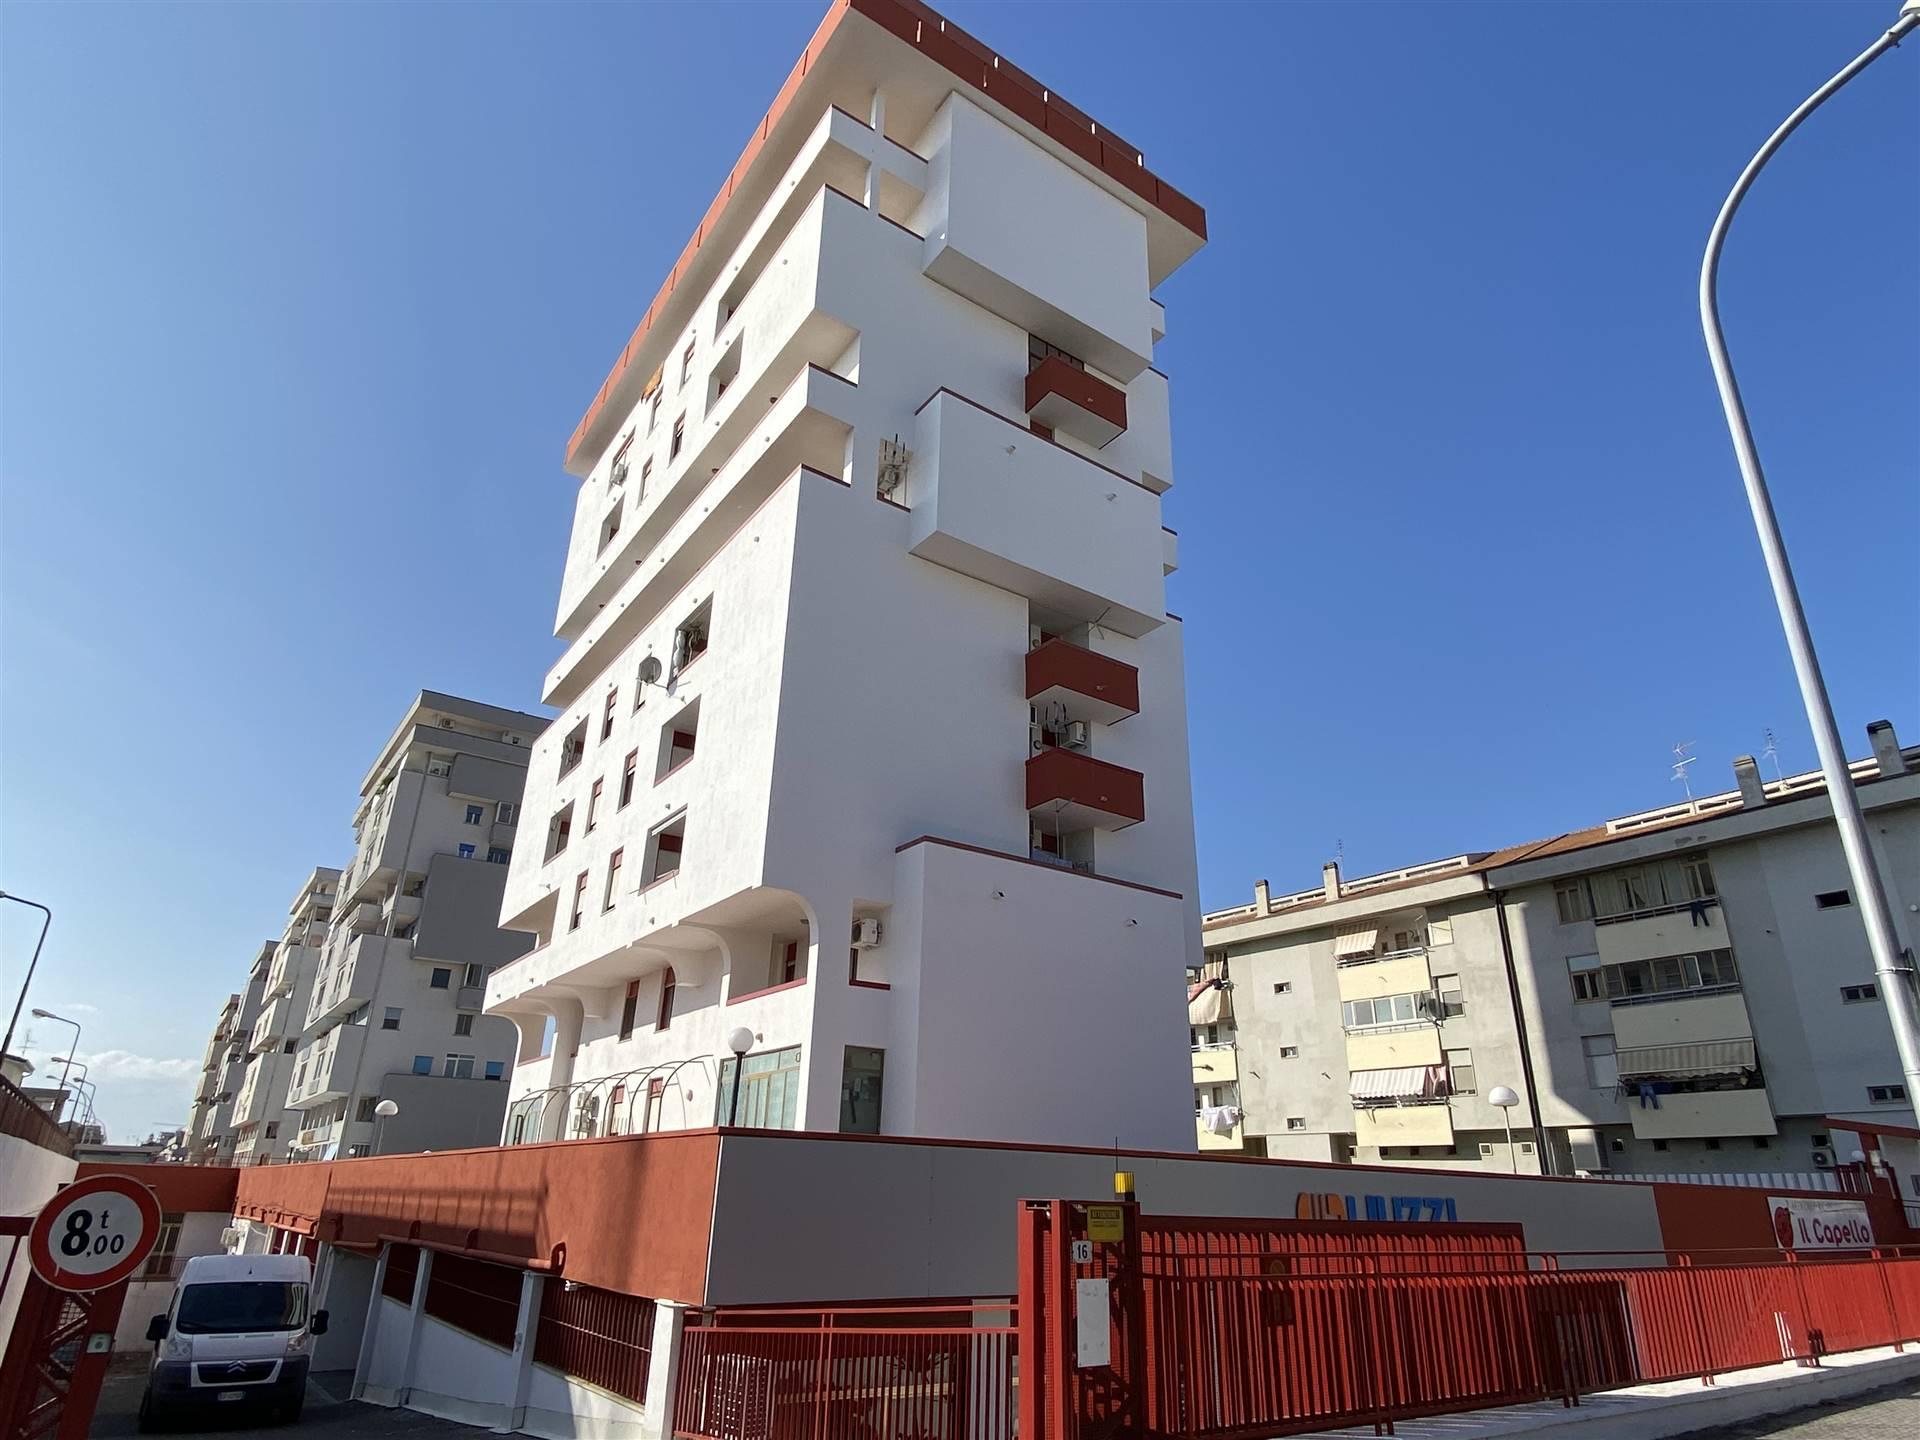 Appartamento in vendita a Policoro, 6 locali, prezzo € 128.000 | CambioCasa.it